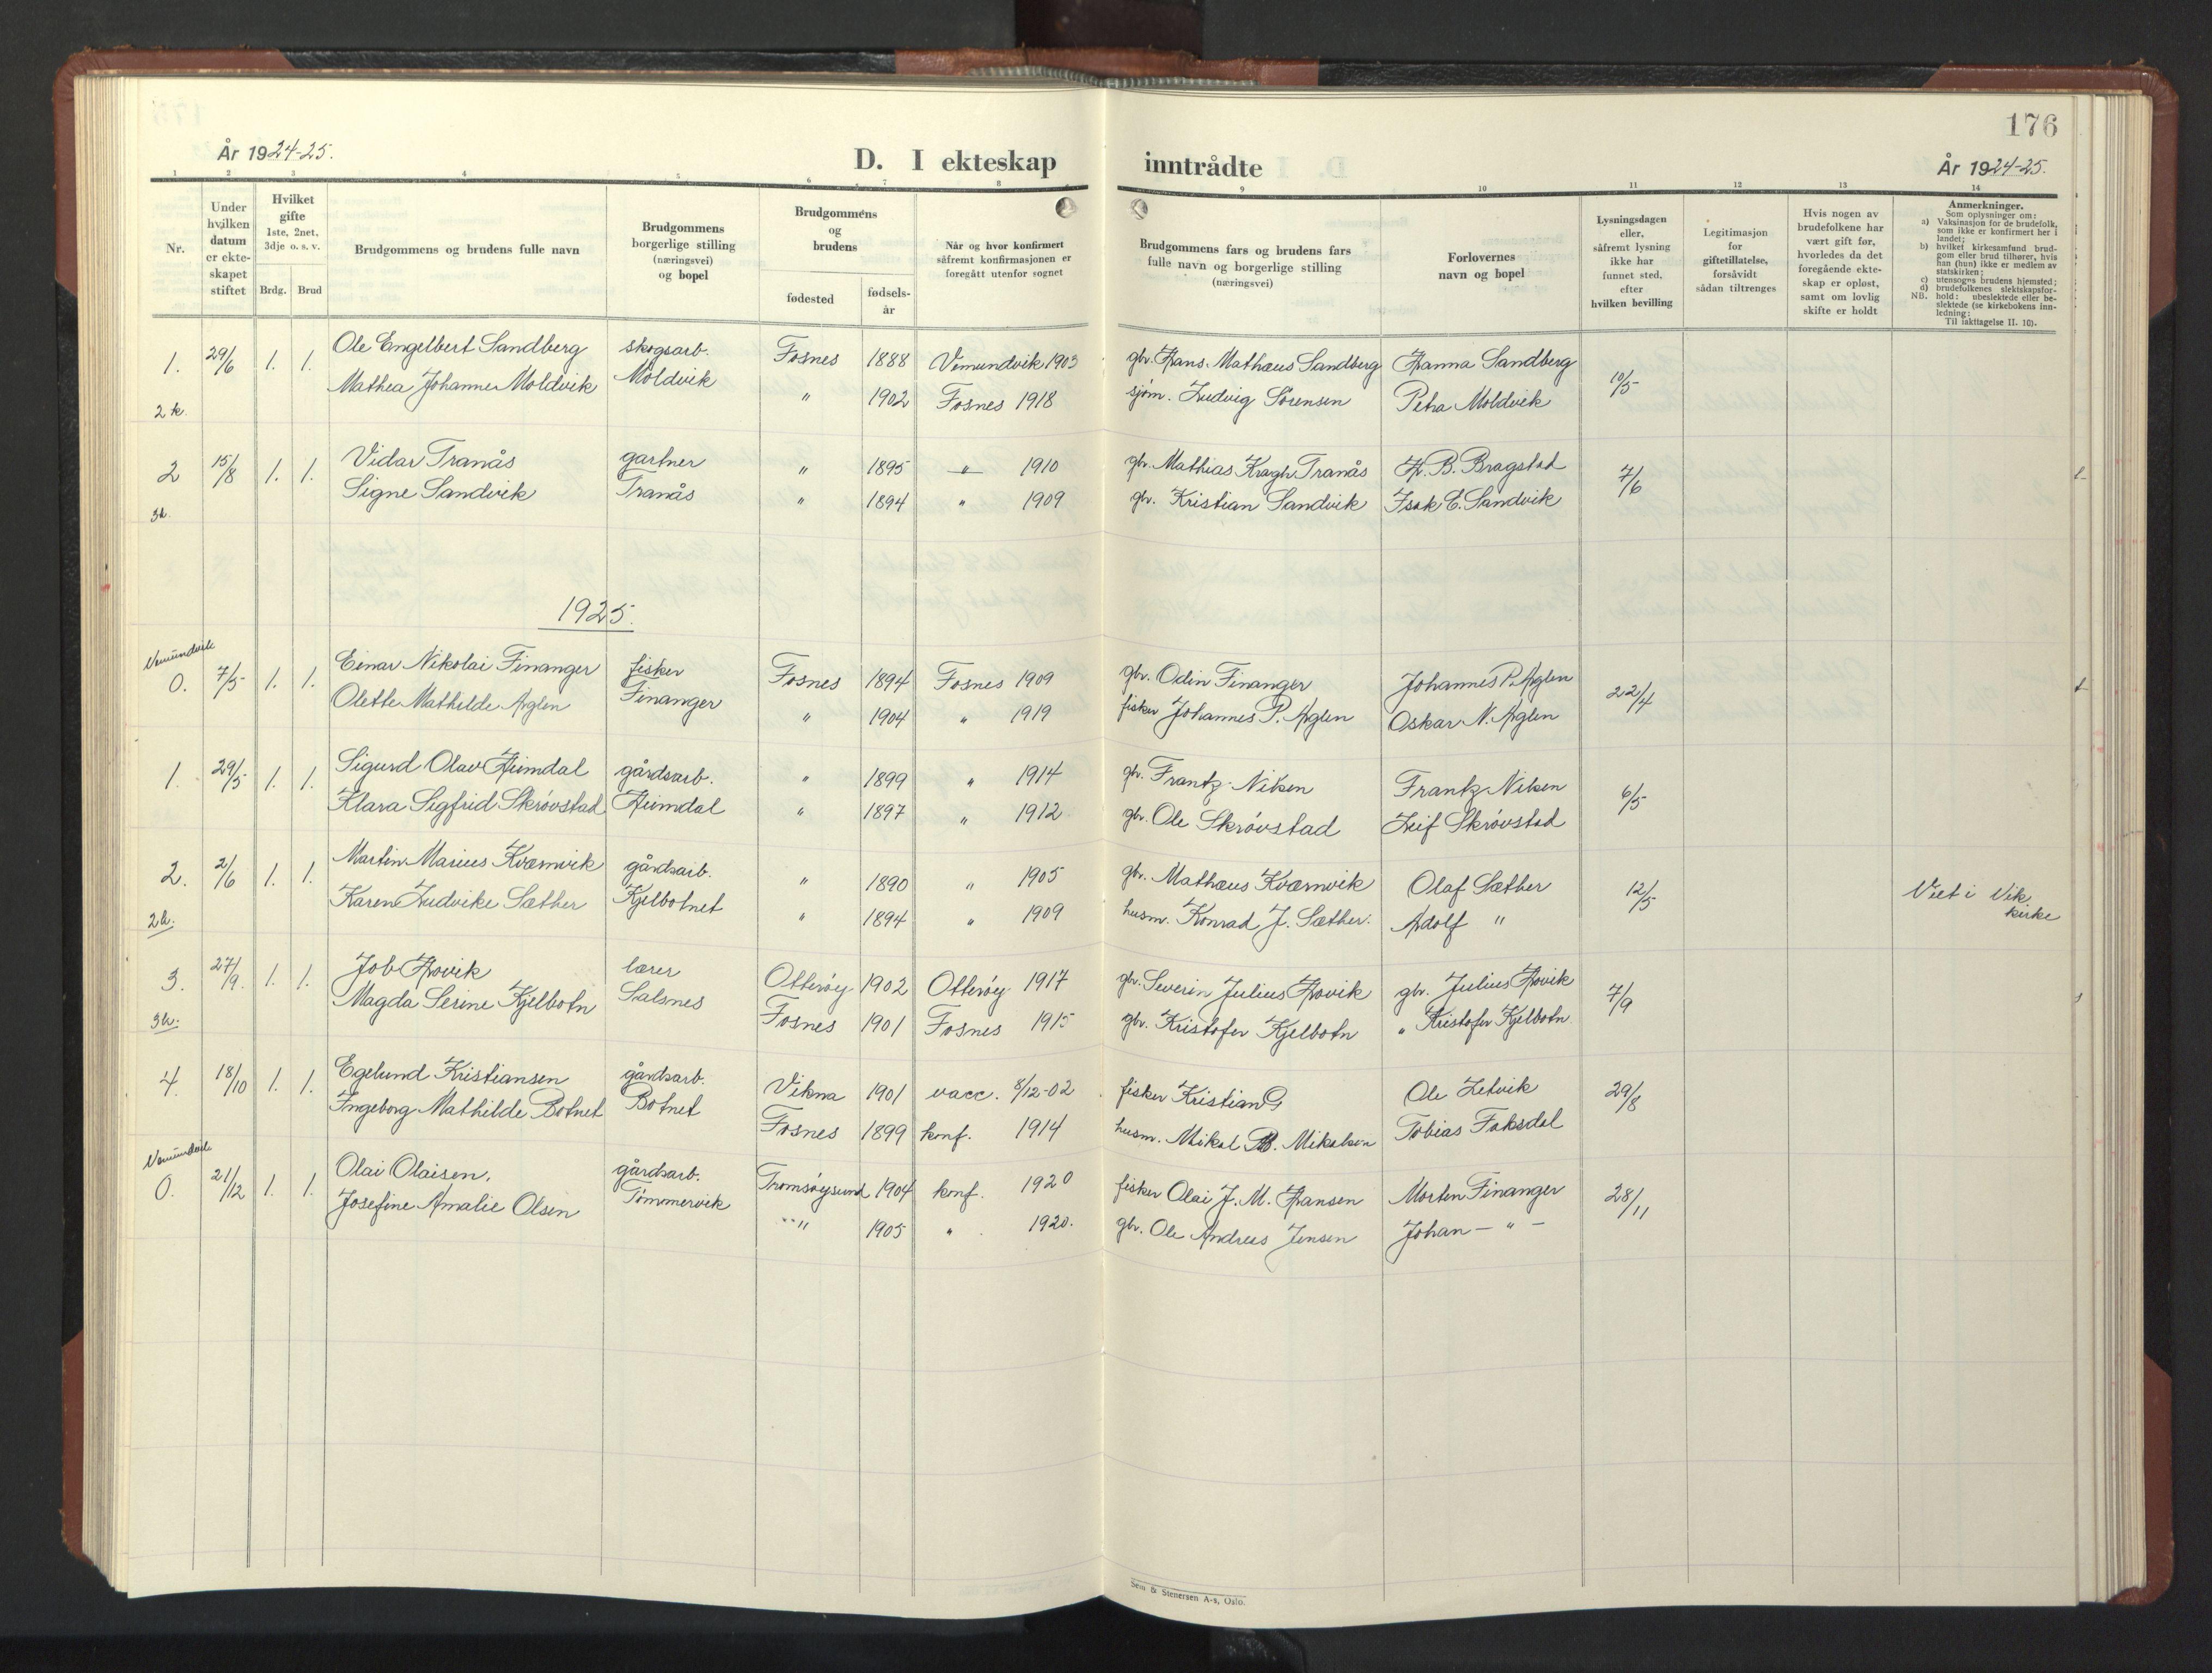 SAT, Ministerialprotokoller, klokkerbøker og fødselsregistre - Nord-Trøndelag, 773/L0625: Klokkerbok nr. 773C01, 1910-1952, s. 176